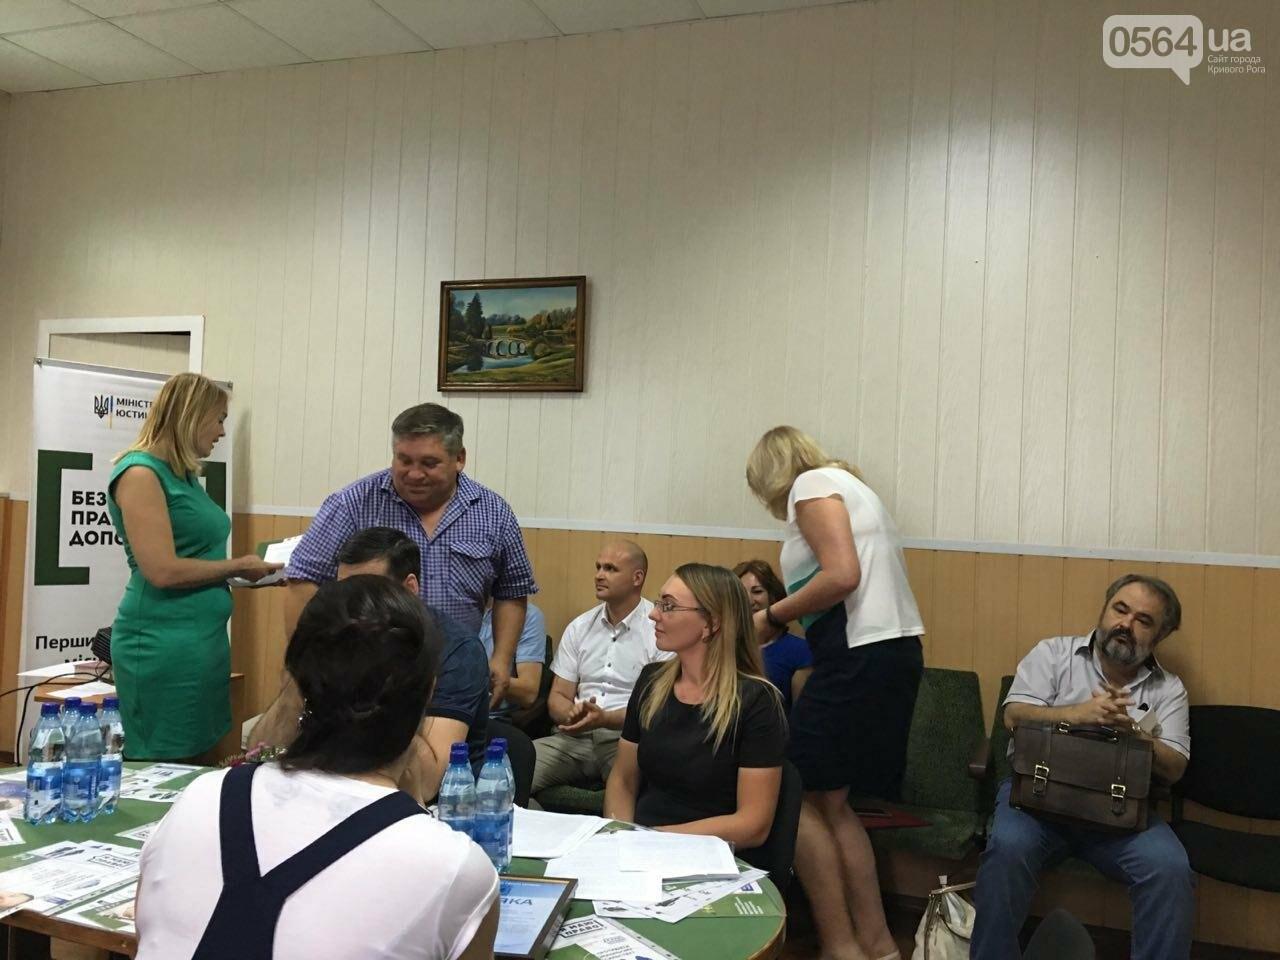 Криворожские центры по предоставлению бесплатной правовой помощи подвели итоги работы за 3 года, - ФОТО, фото-8